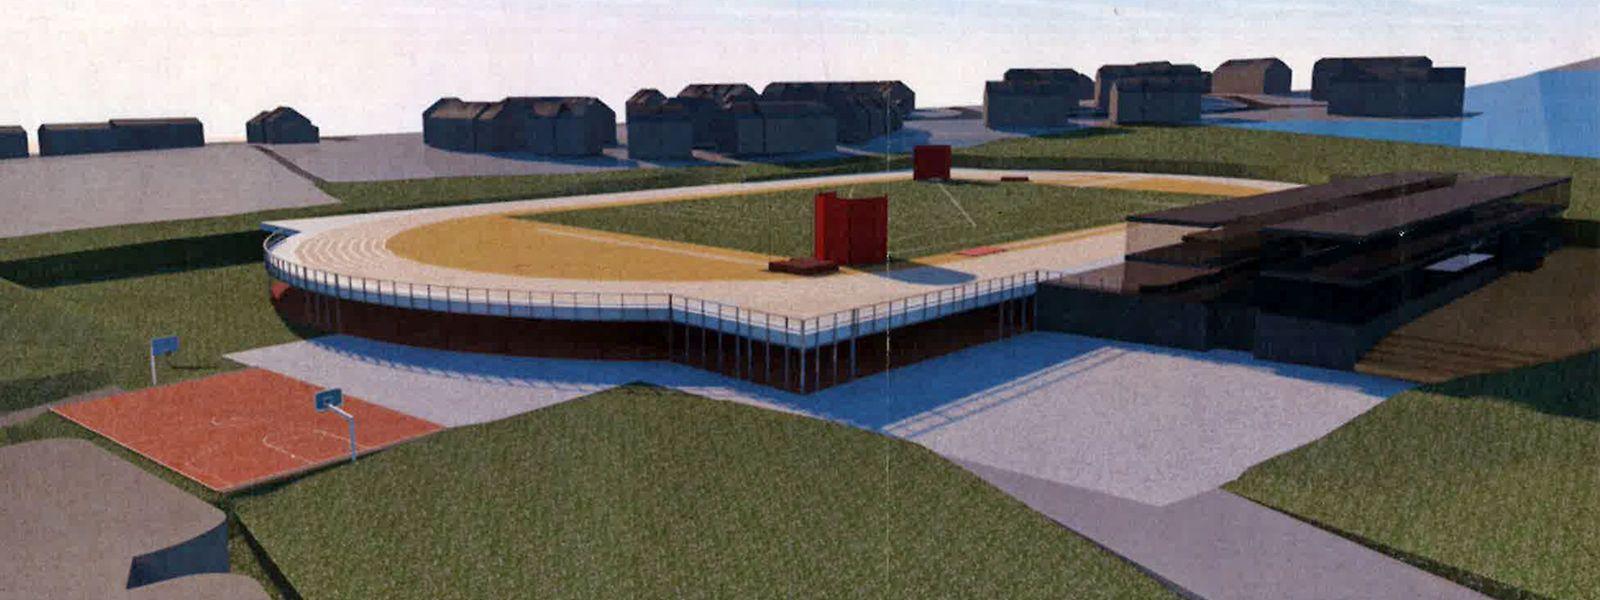 Unter dem regionalen Leichtathletikfeld sollen Parkplätze und ein multifunktionaler Bereich entstehen.